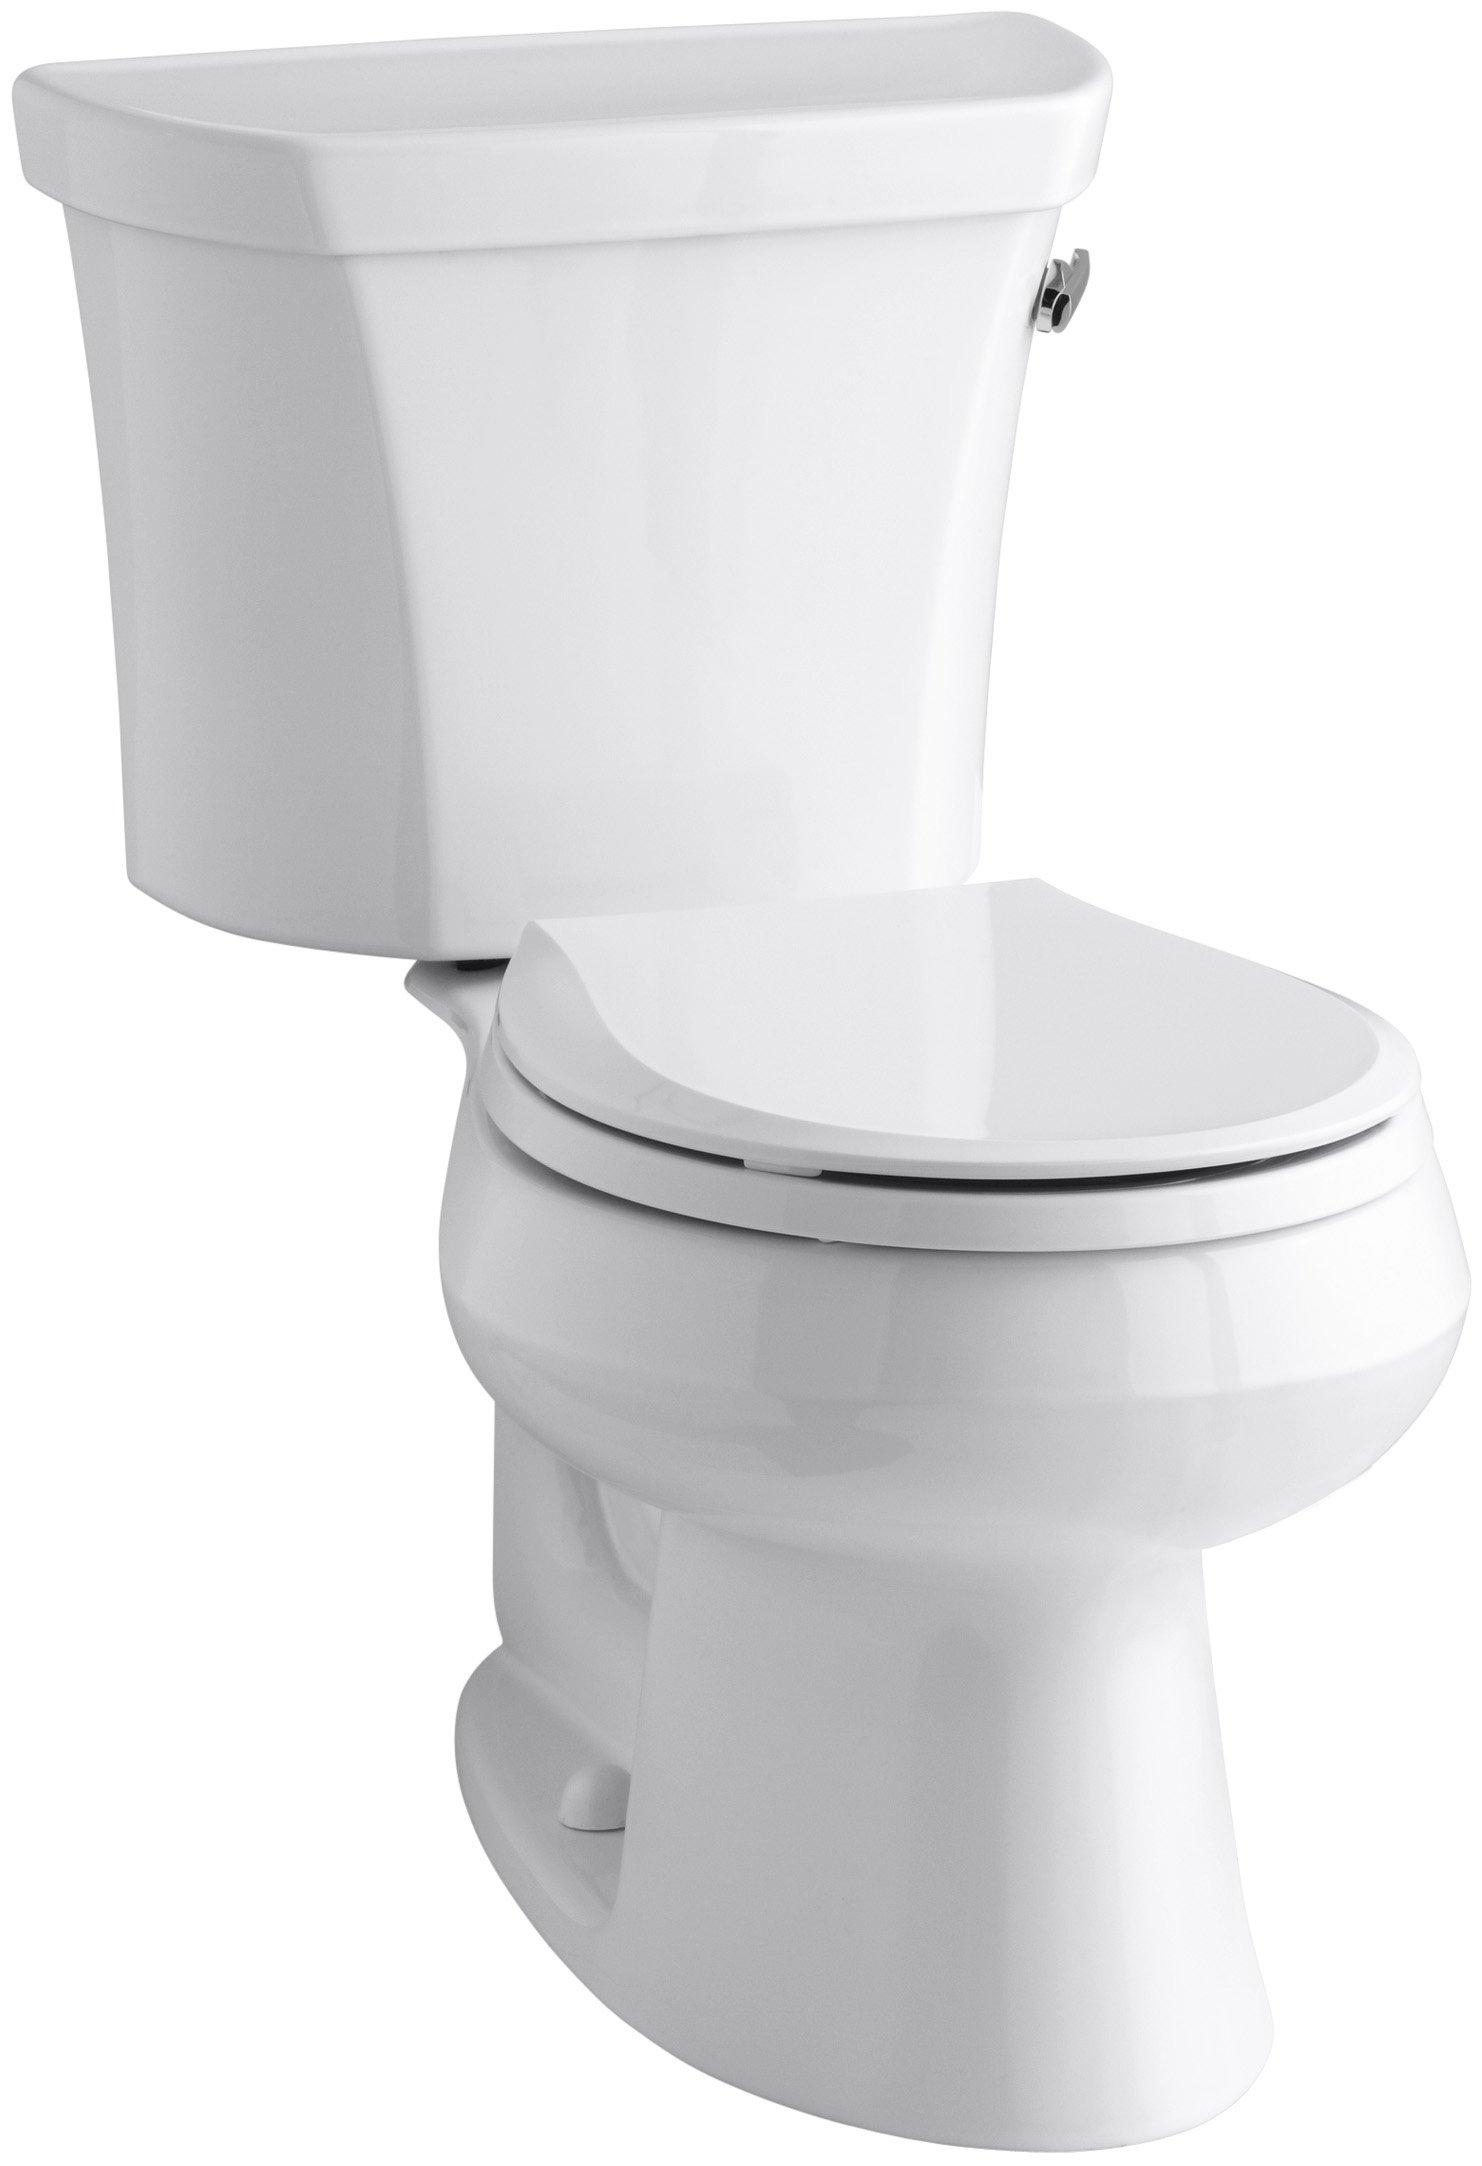 Kohler K-3997-RA-0 Wellworth Round-Front 1.28 gpf Toilet, Right-Hand Trip Lever, White by Kohler